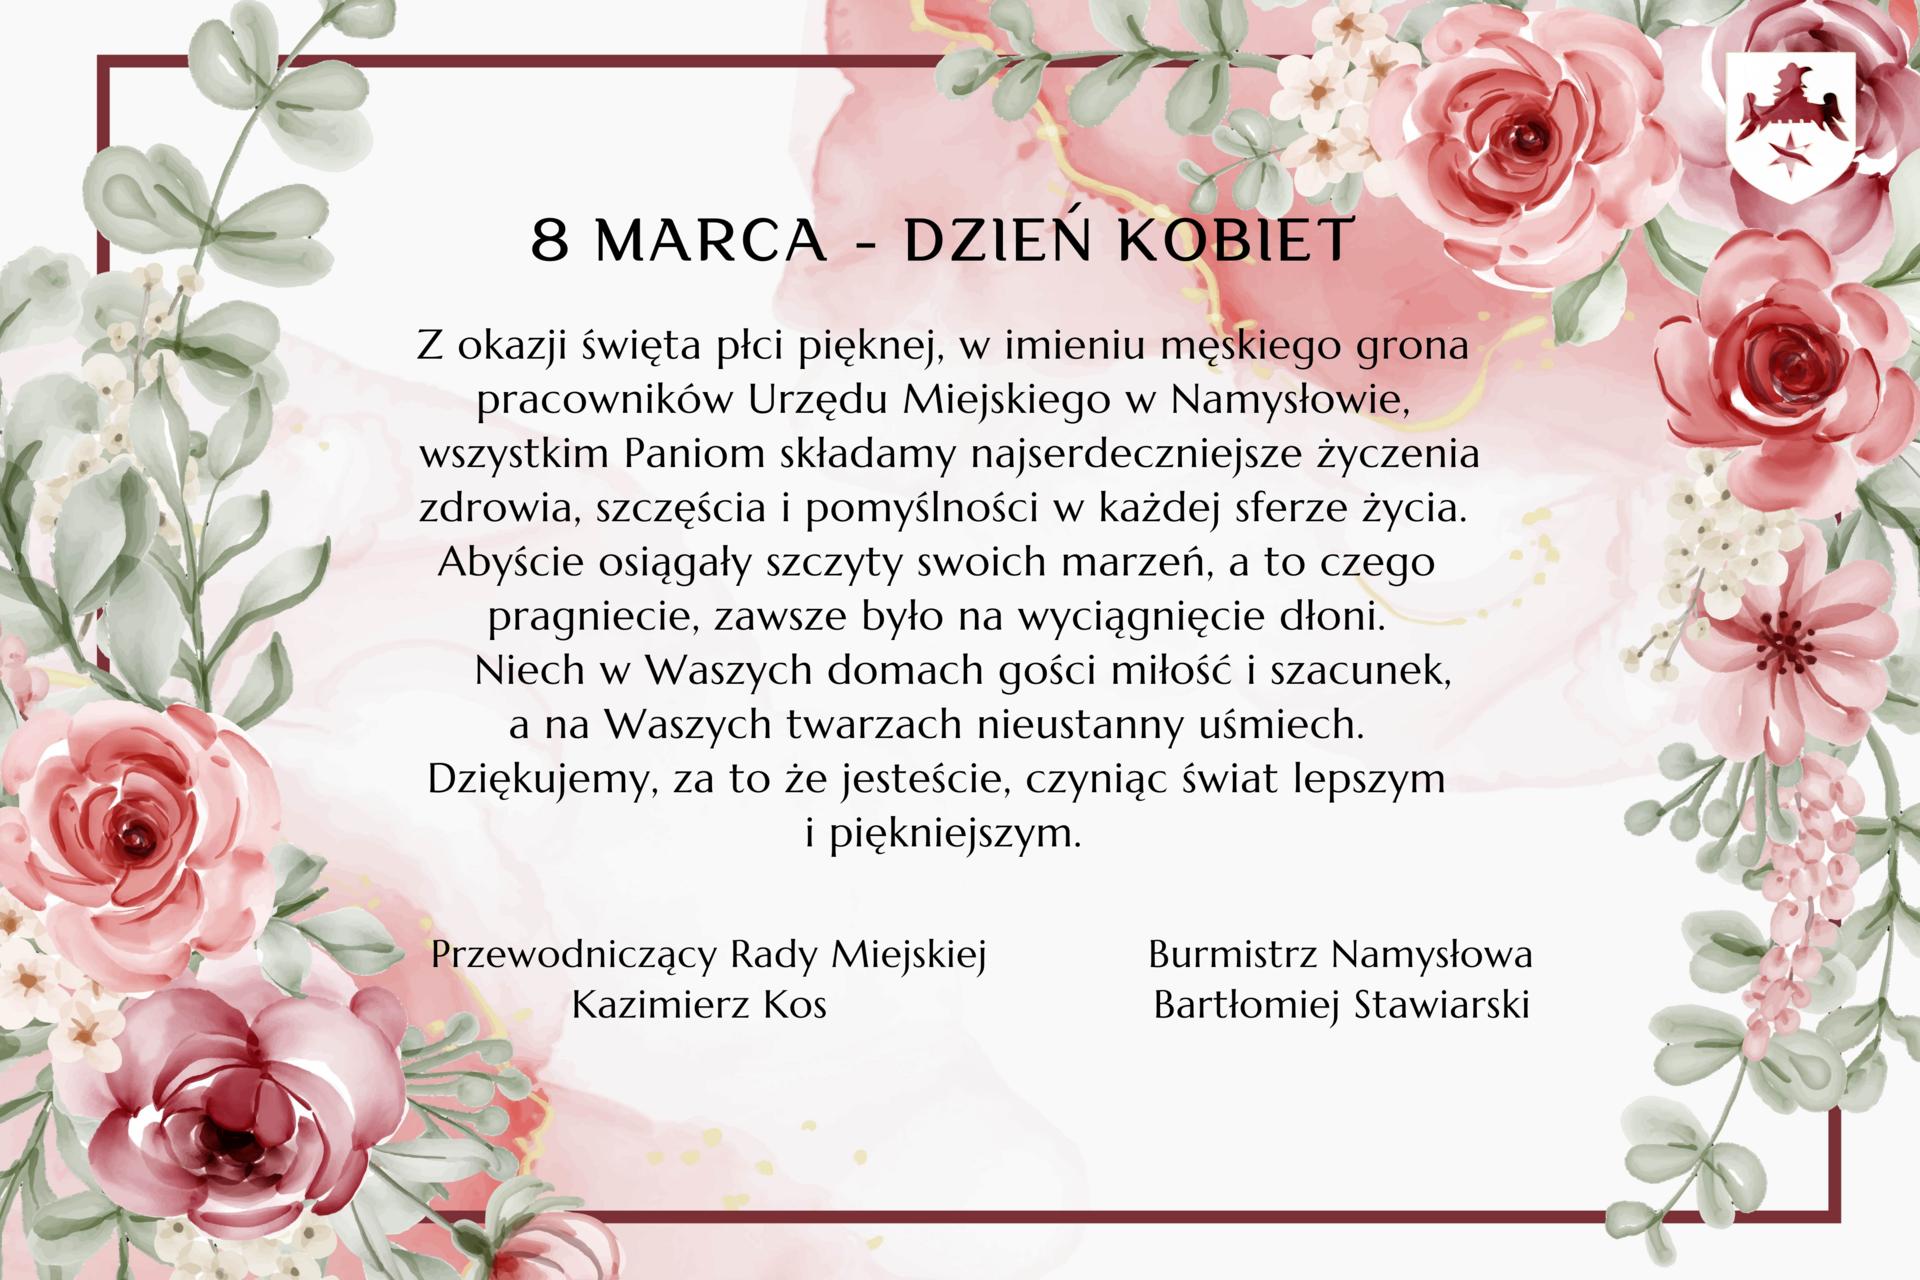 Życzenia 8 marca Dzień Kobiet.png